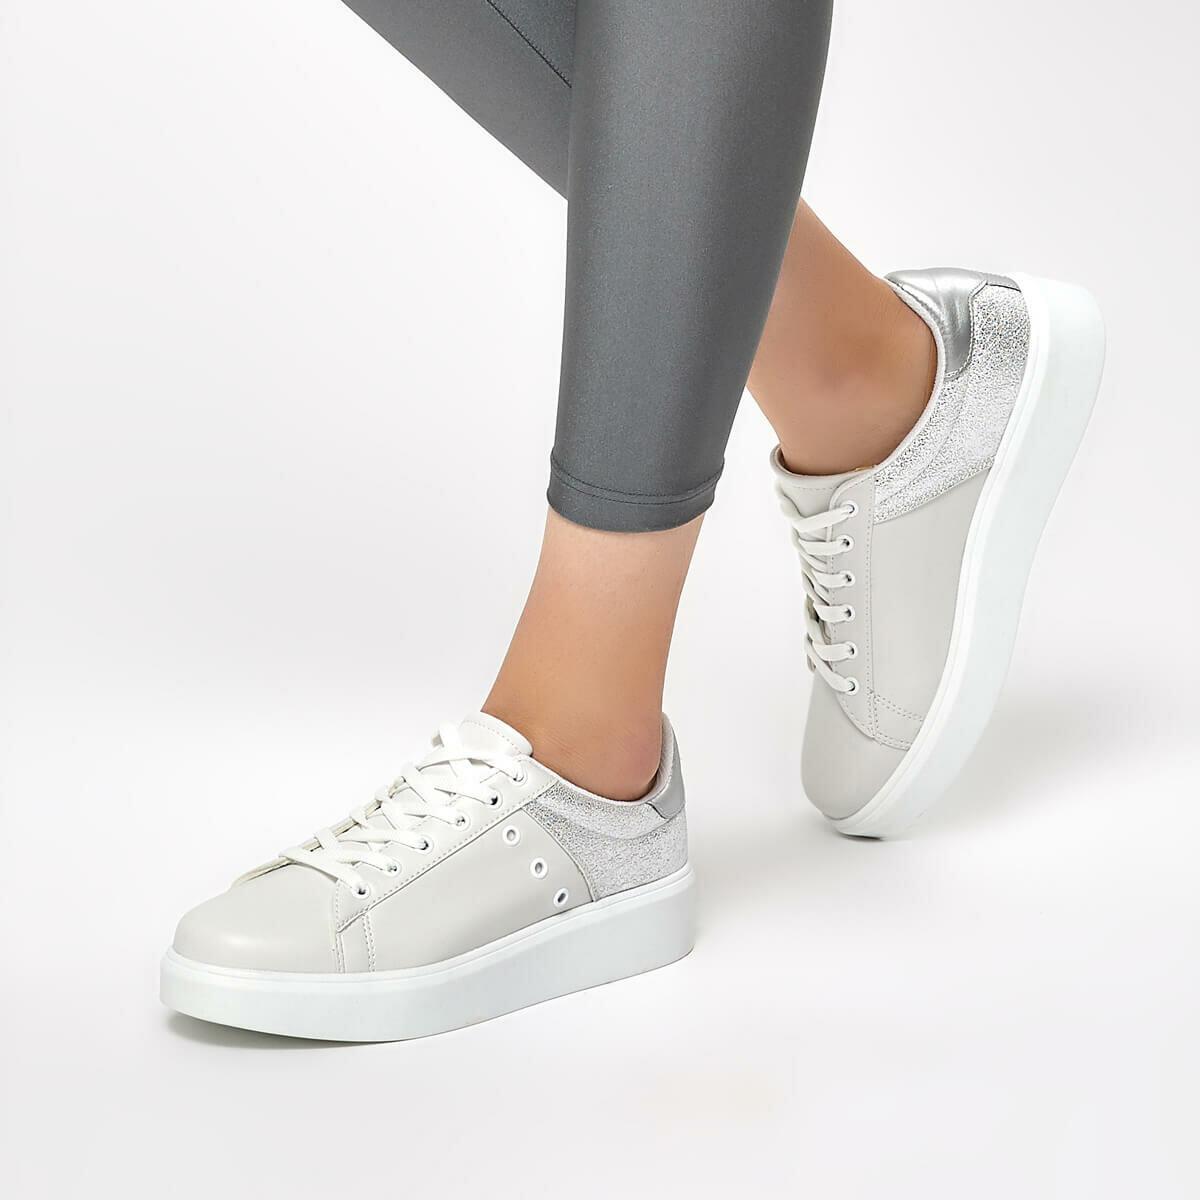 FLO 91.313315.Z White Women 'S Shoes Polaris